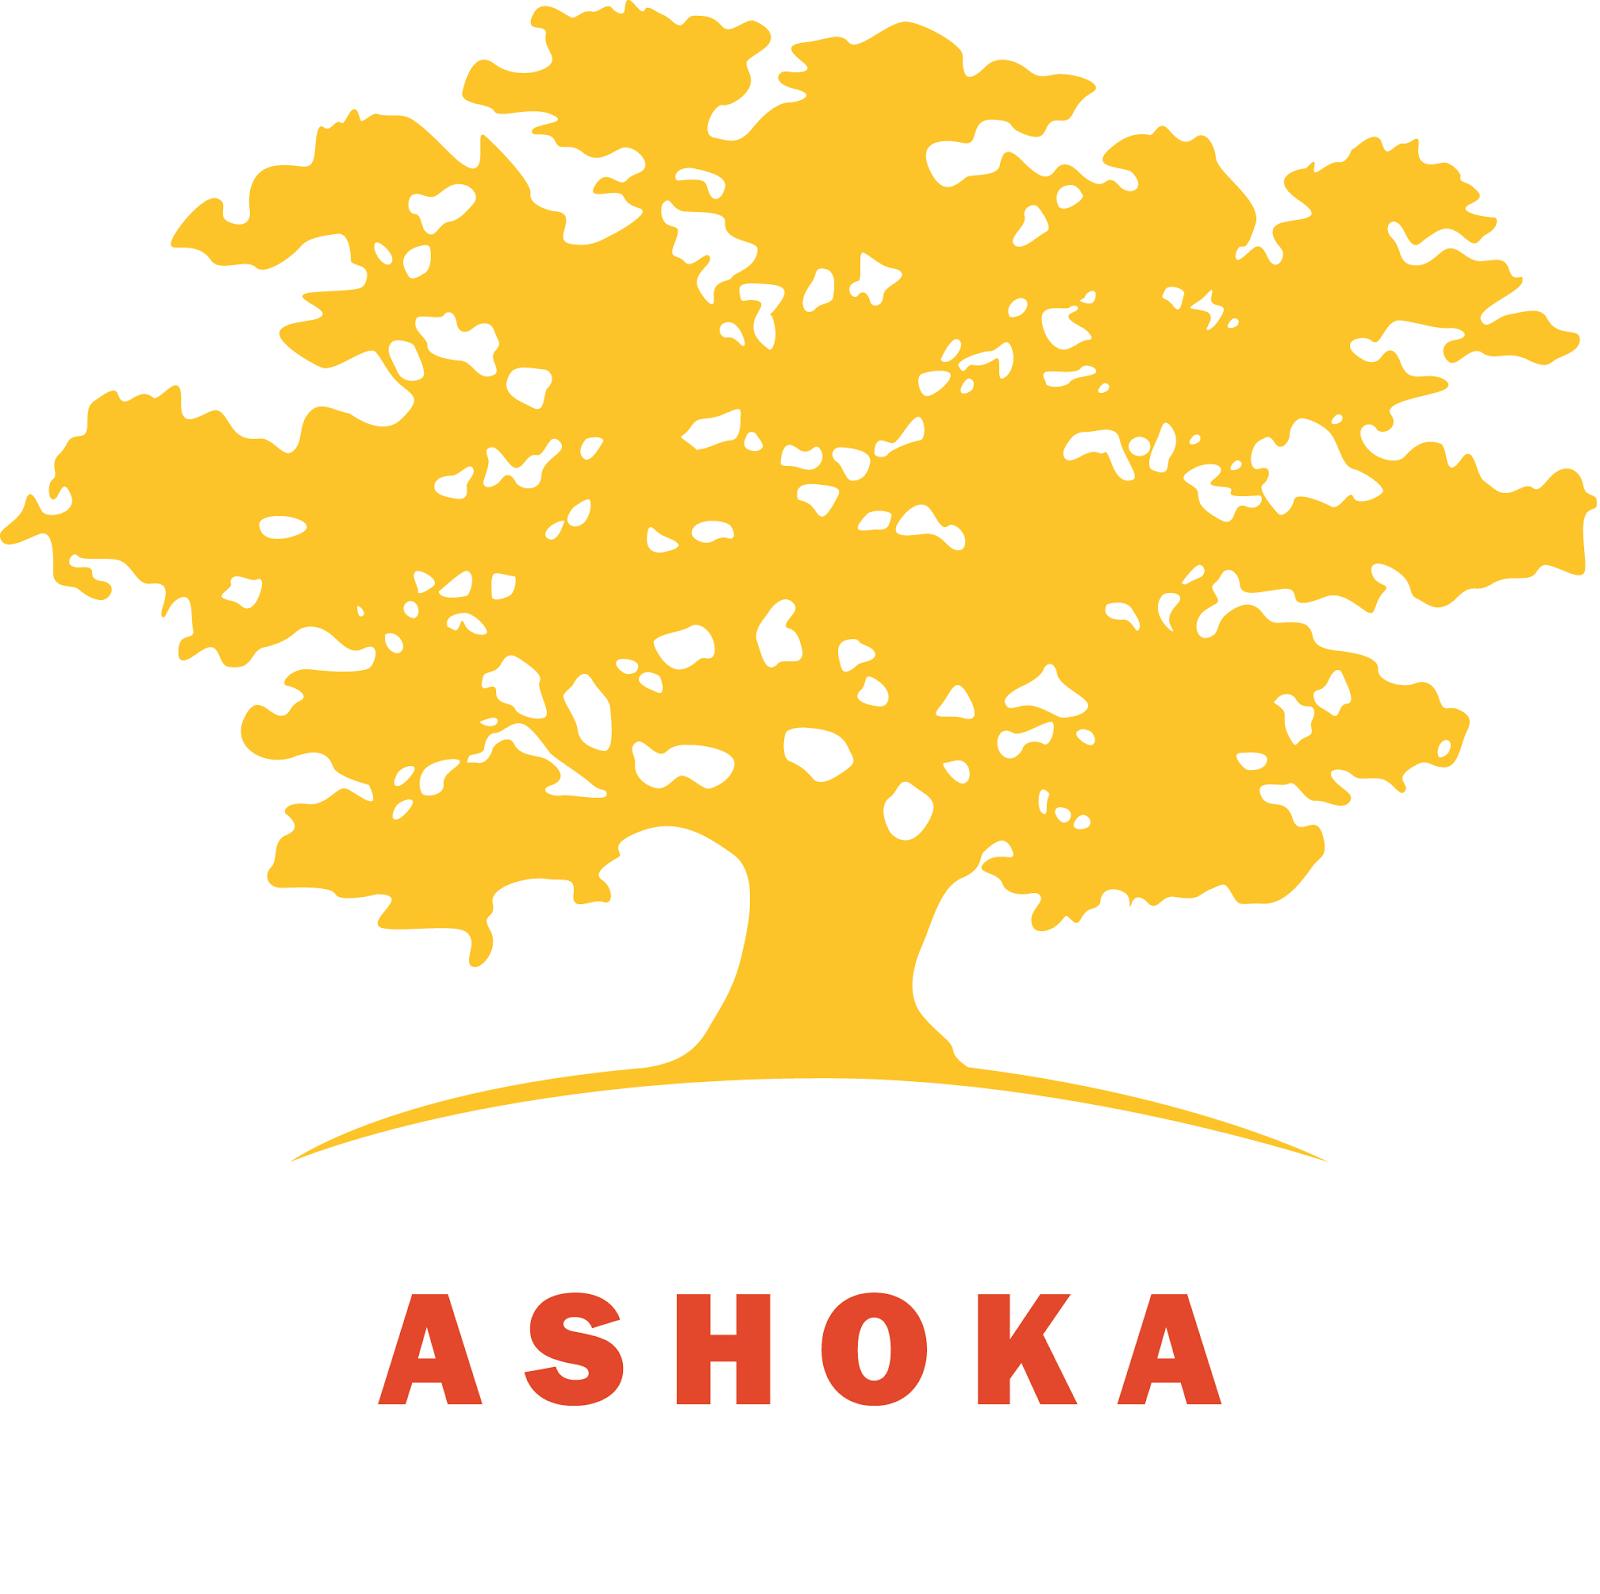 Ashoka